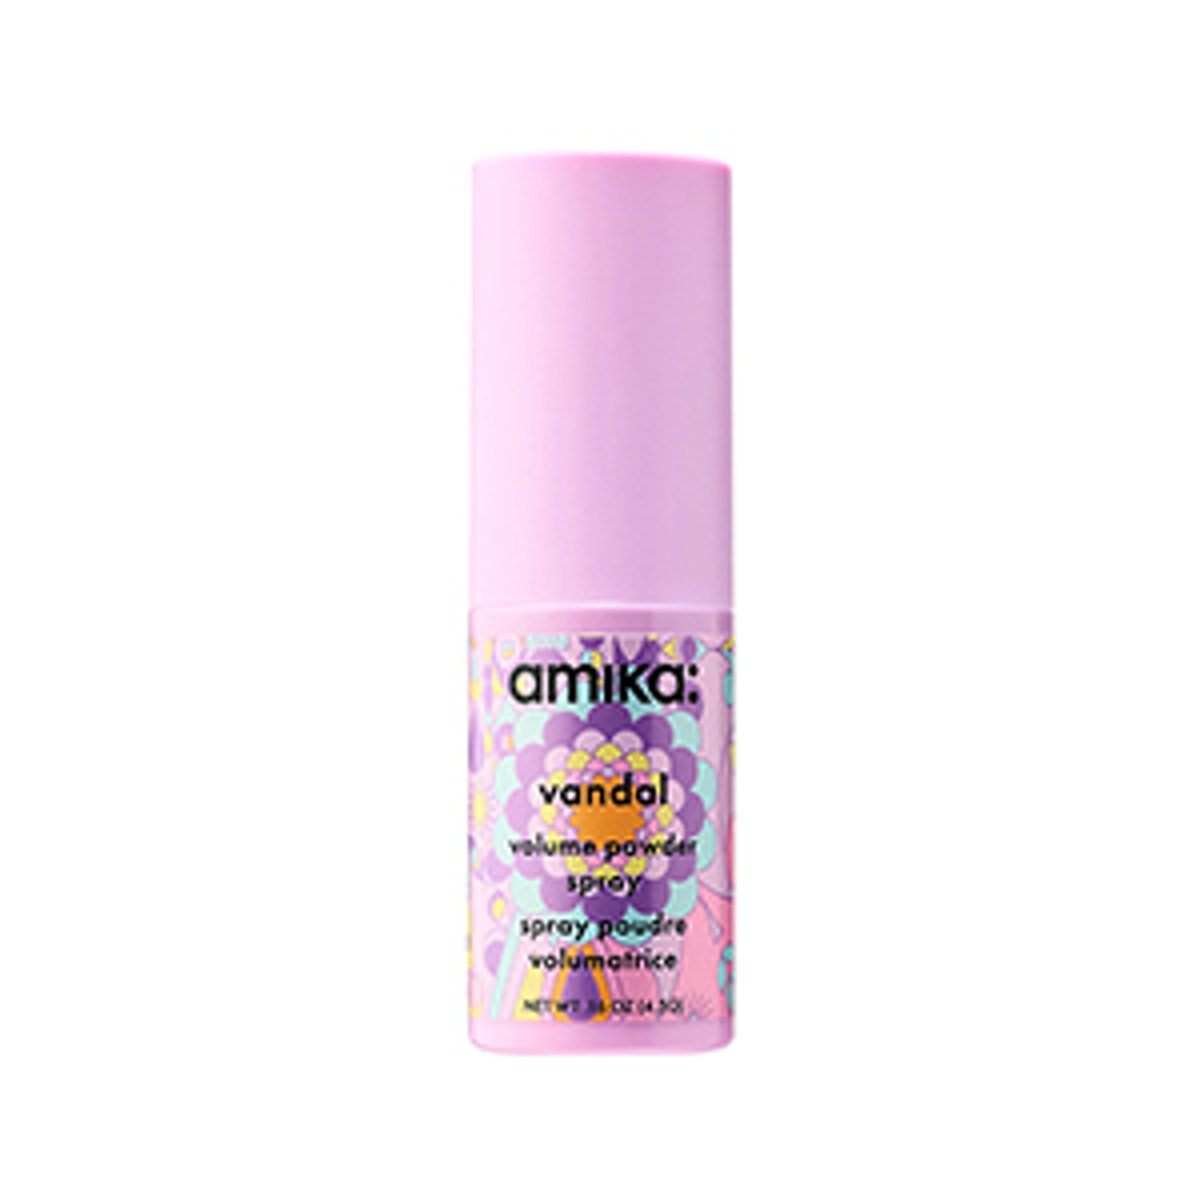 Vandal Volume Powder Spray